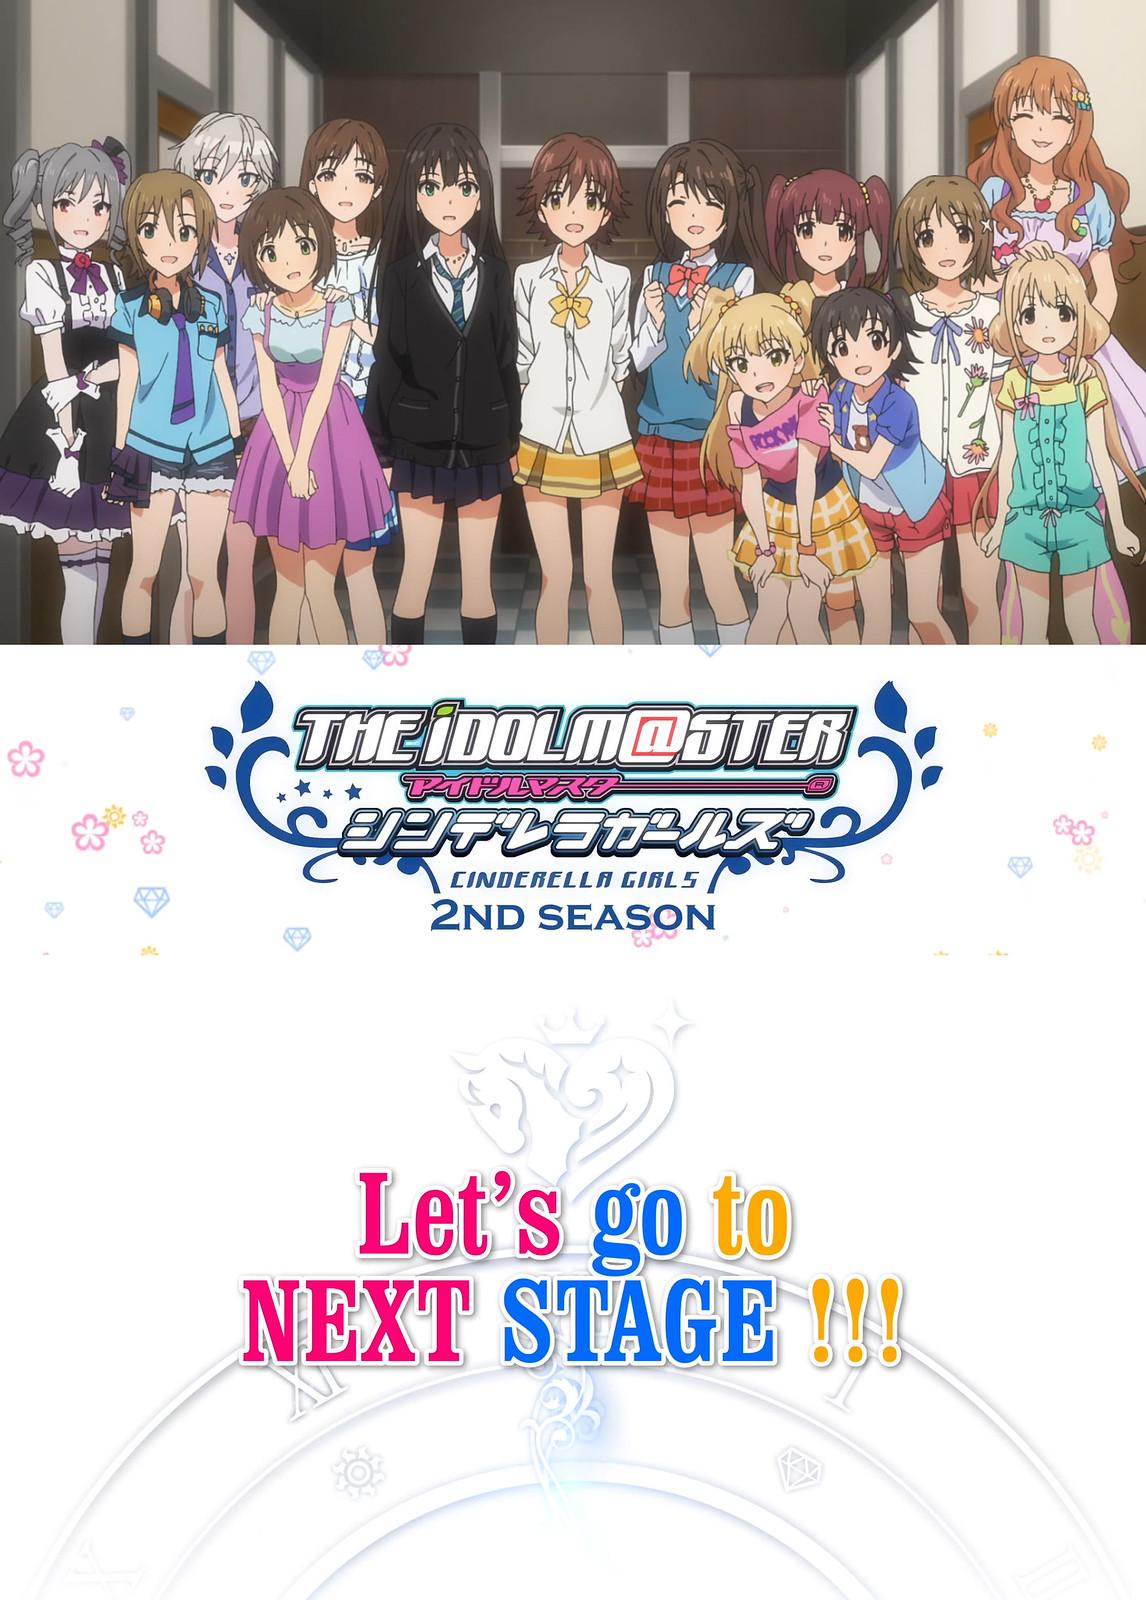 150707(2) - 動畫續集《偶像大師 灰姑娘女孩 CINDERELLA GIRLS 2nd Season》於17日放送、首支預告出爐!